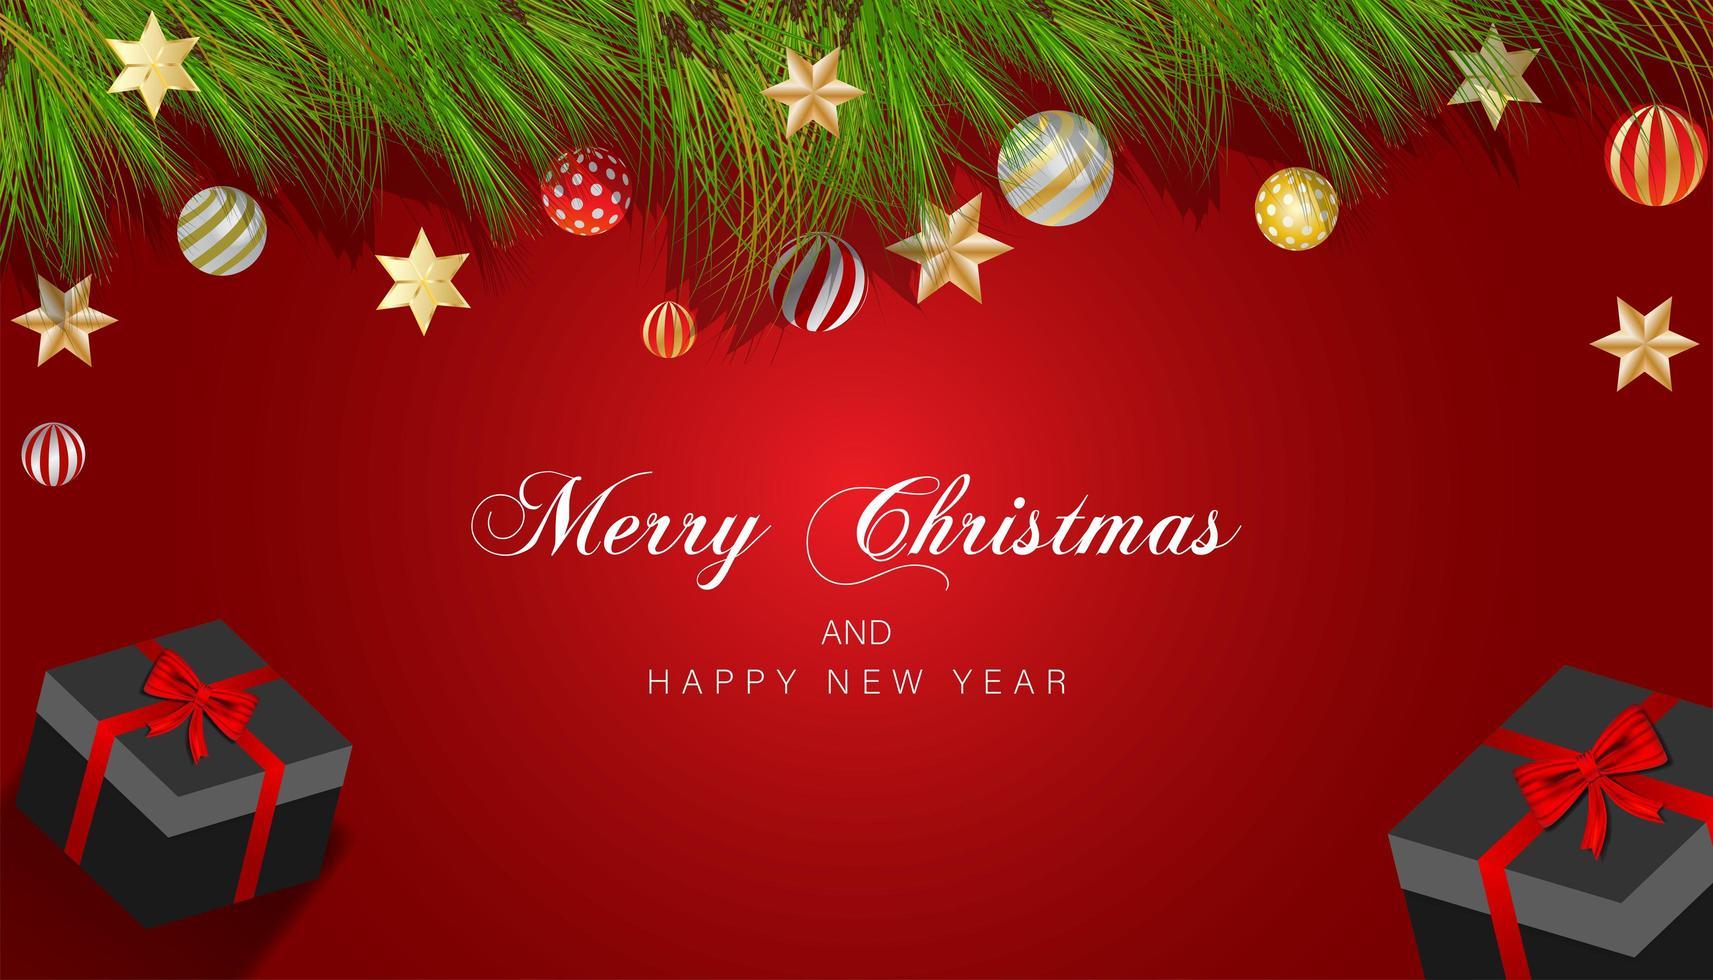 disegno di Natale con rami, ornamenti e stelle sul rosso vettore